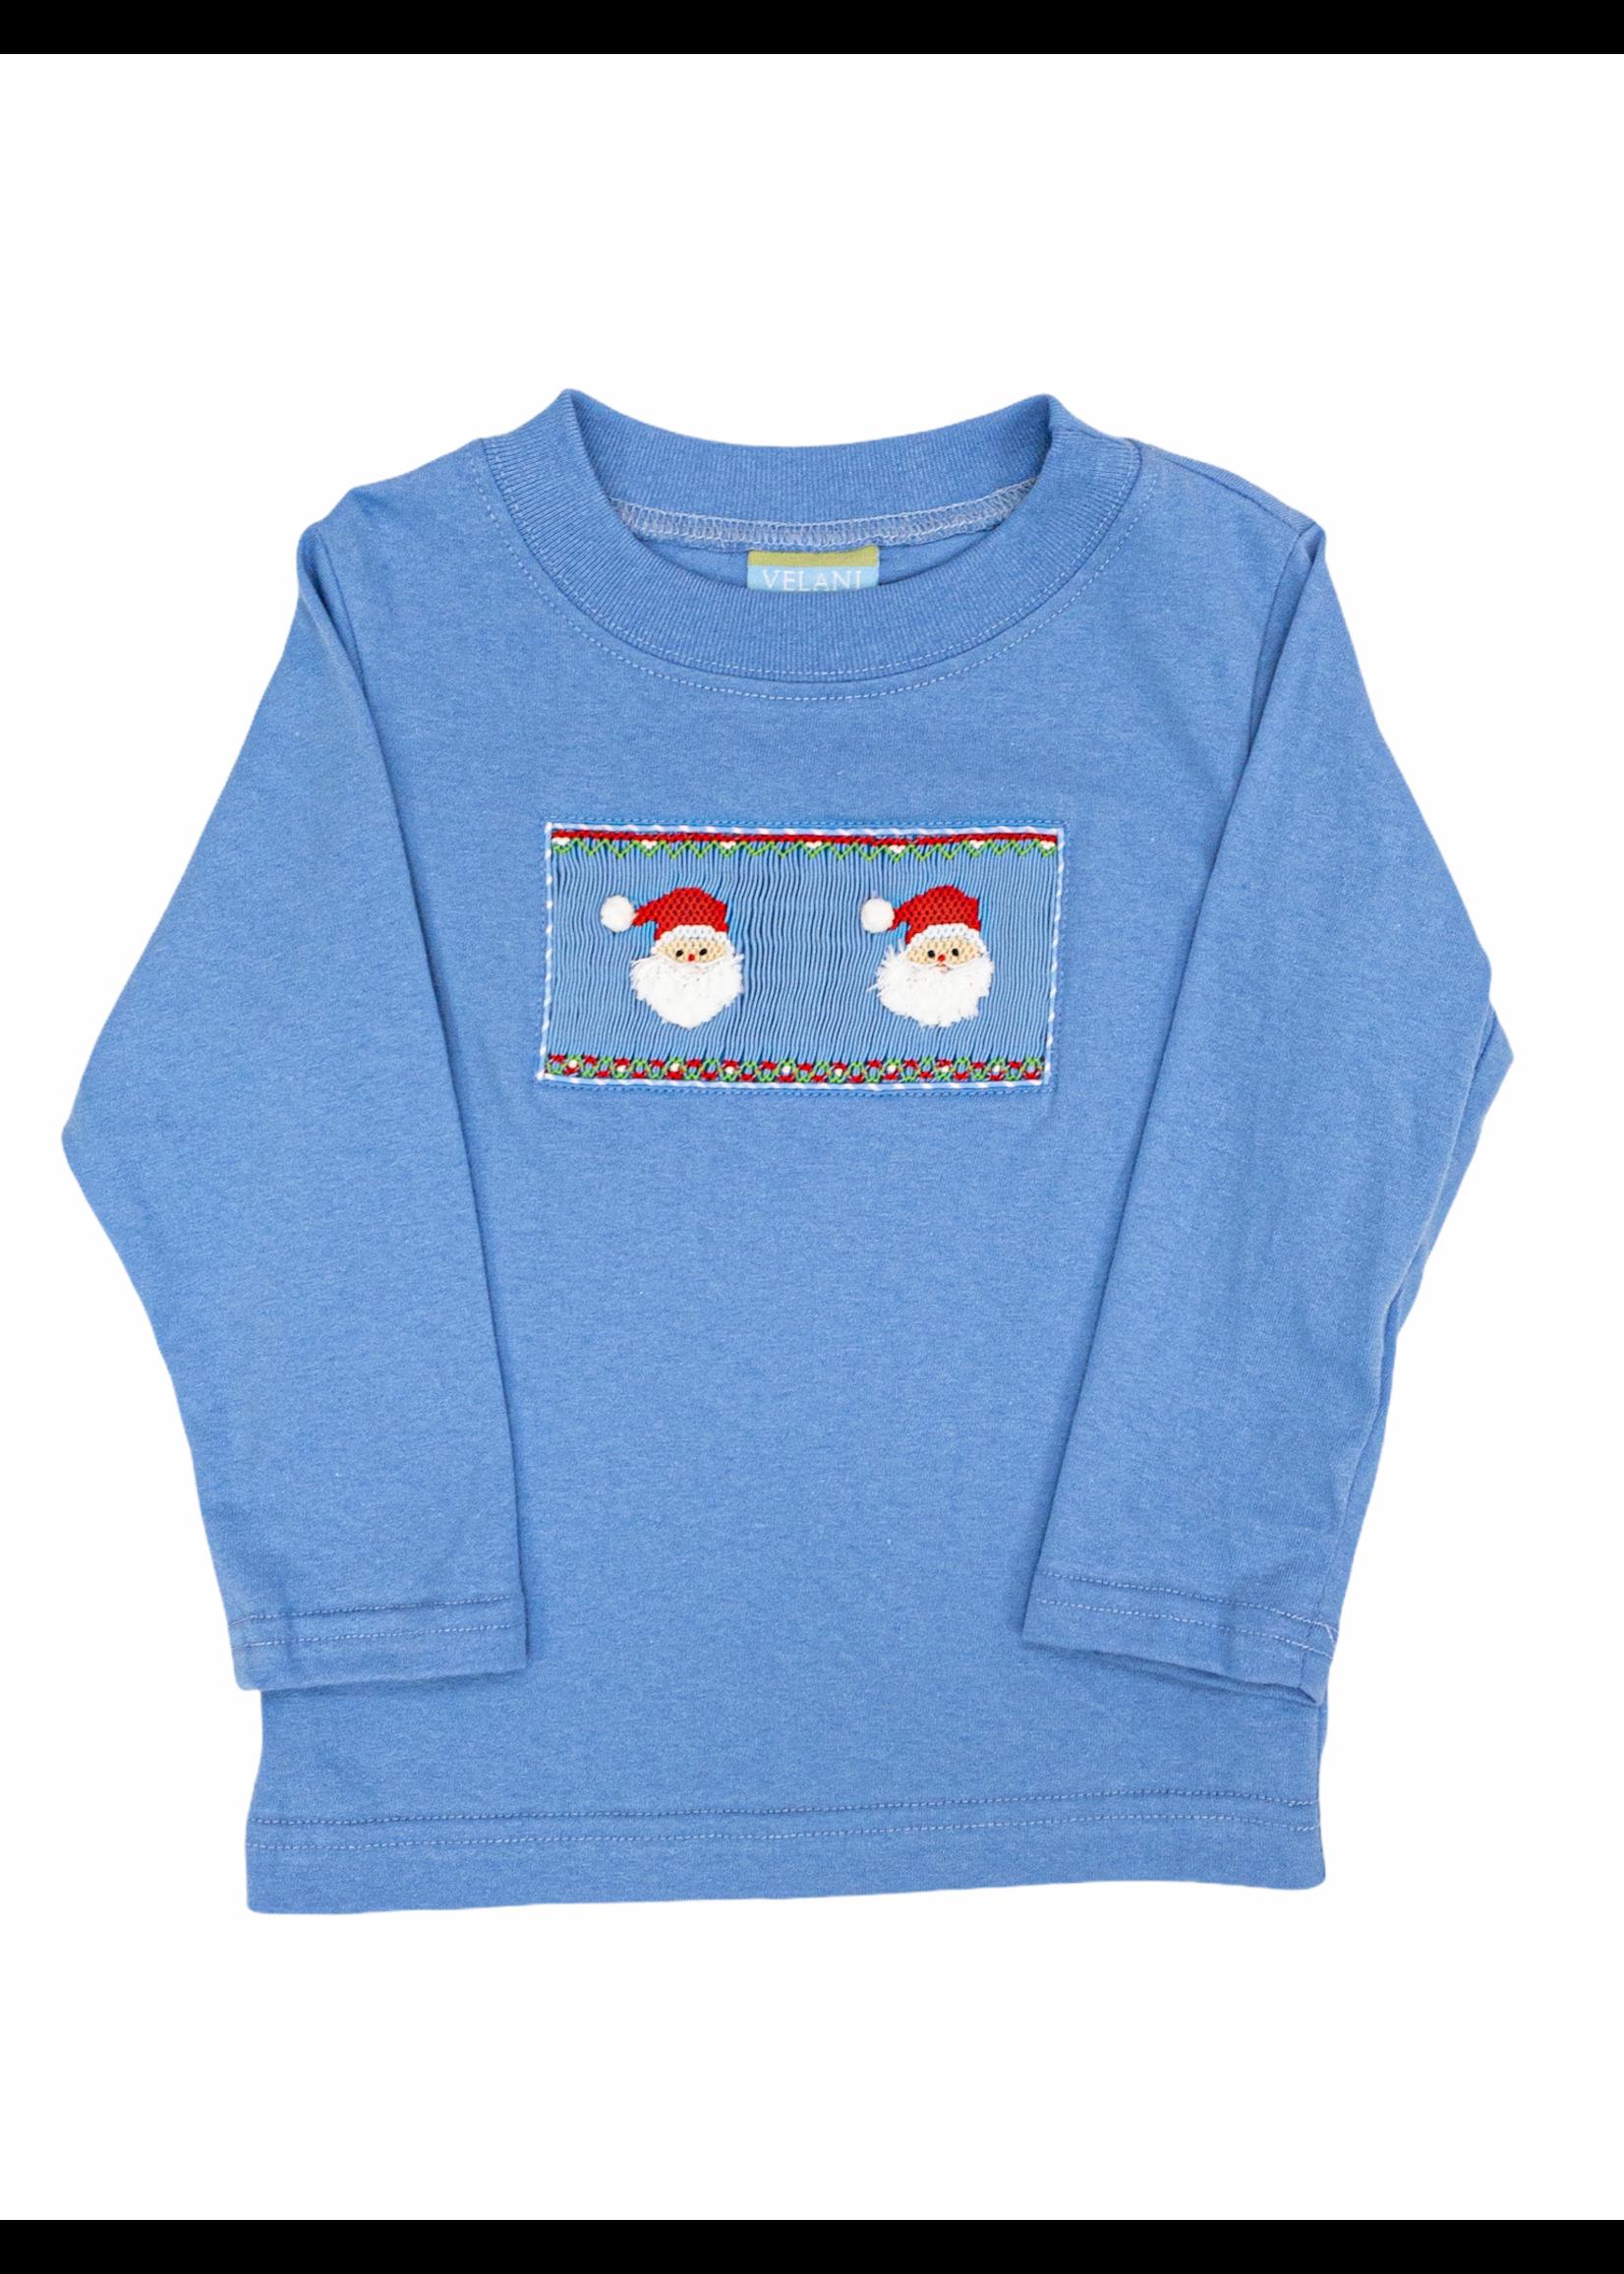 Anavini Santa Face Blue Shirt